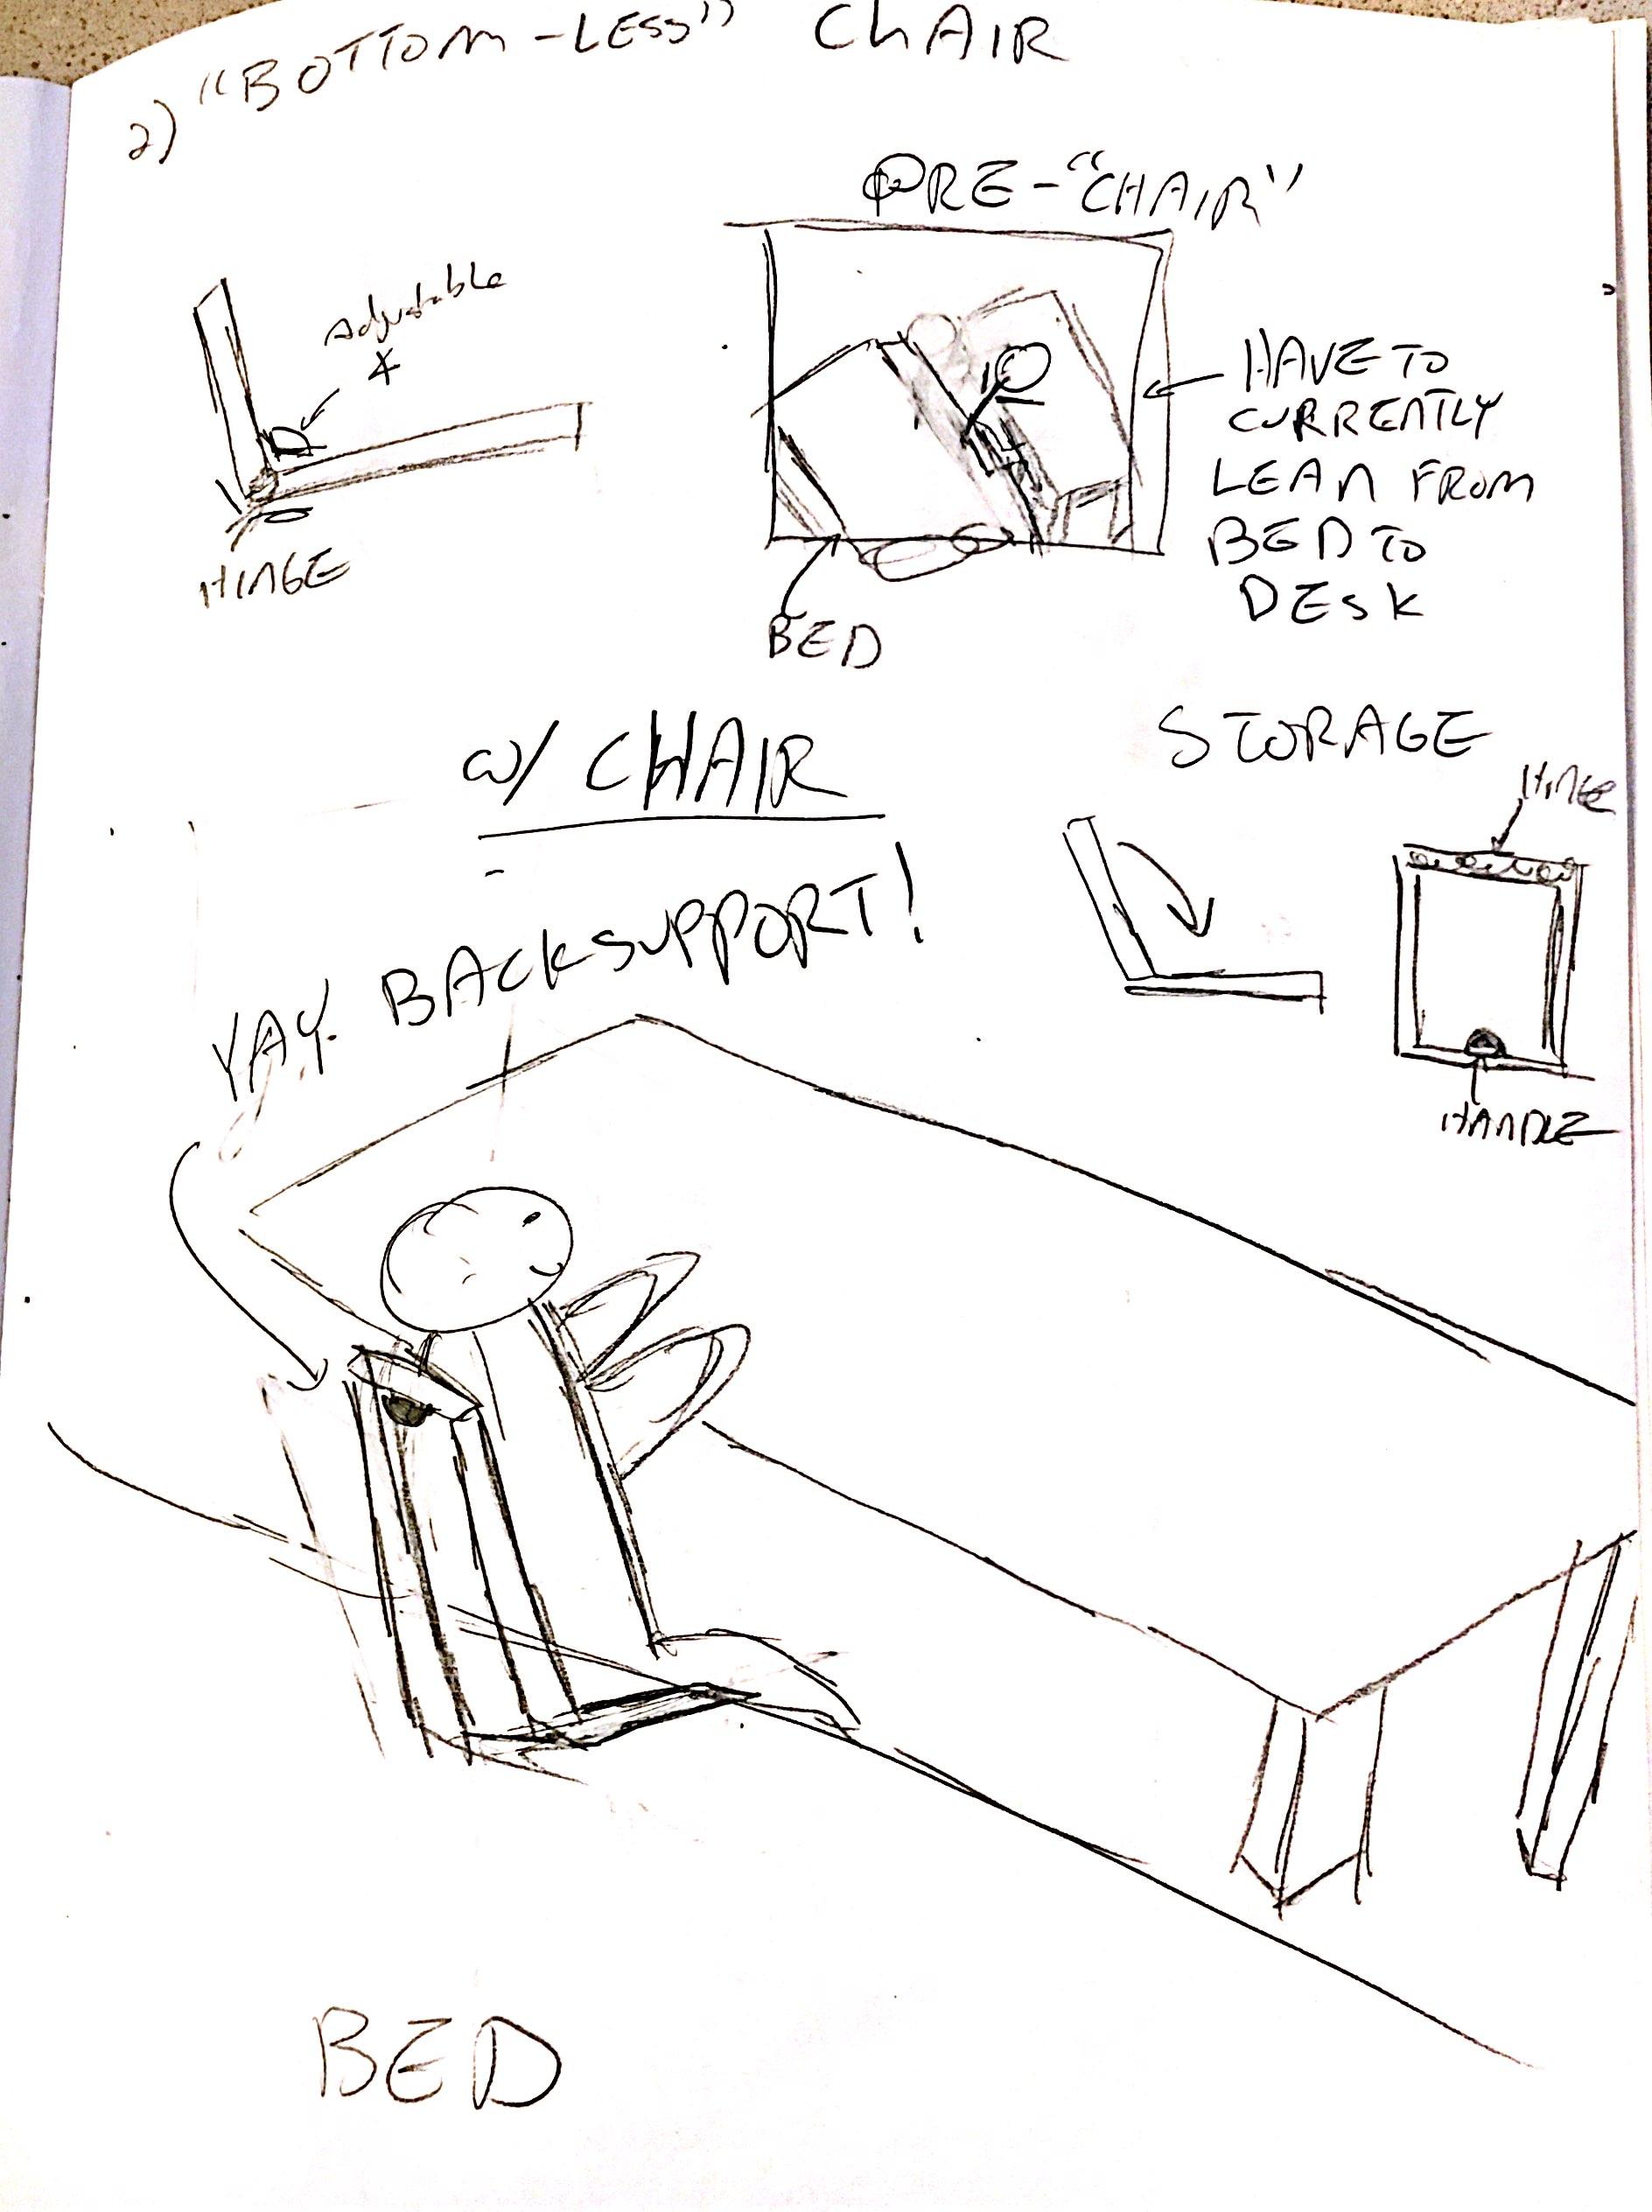 bottomless_chair (1).jpg